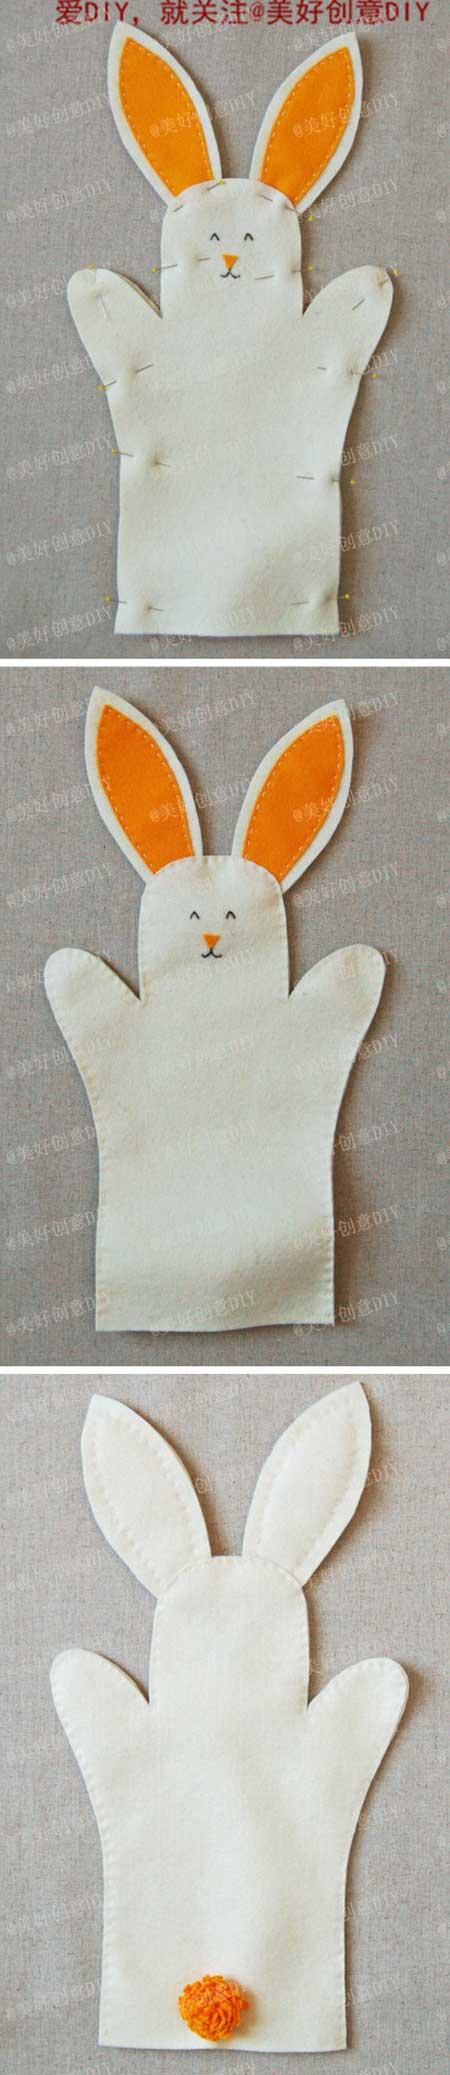 ตัวอย่างการทำตุ๊กตามือด้วยตัวเองรูปกระต่าย